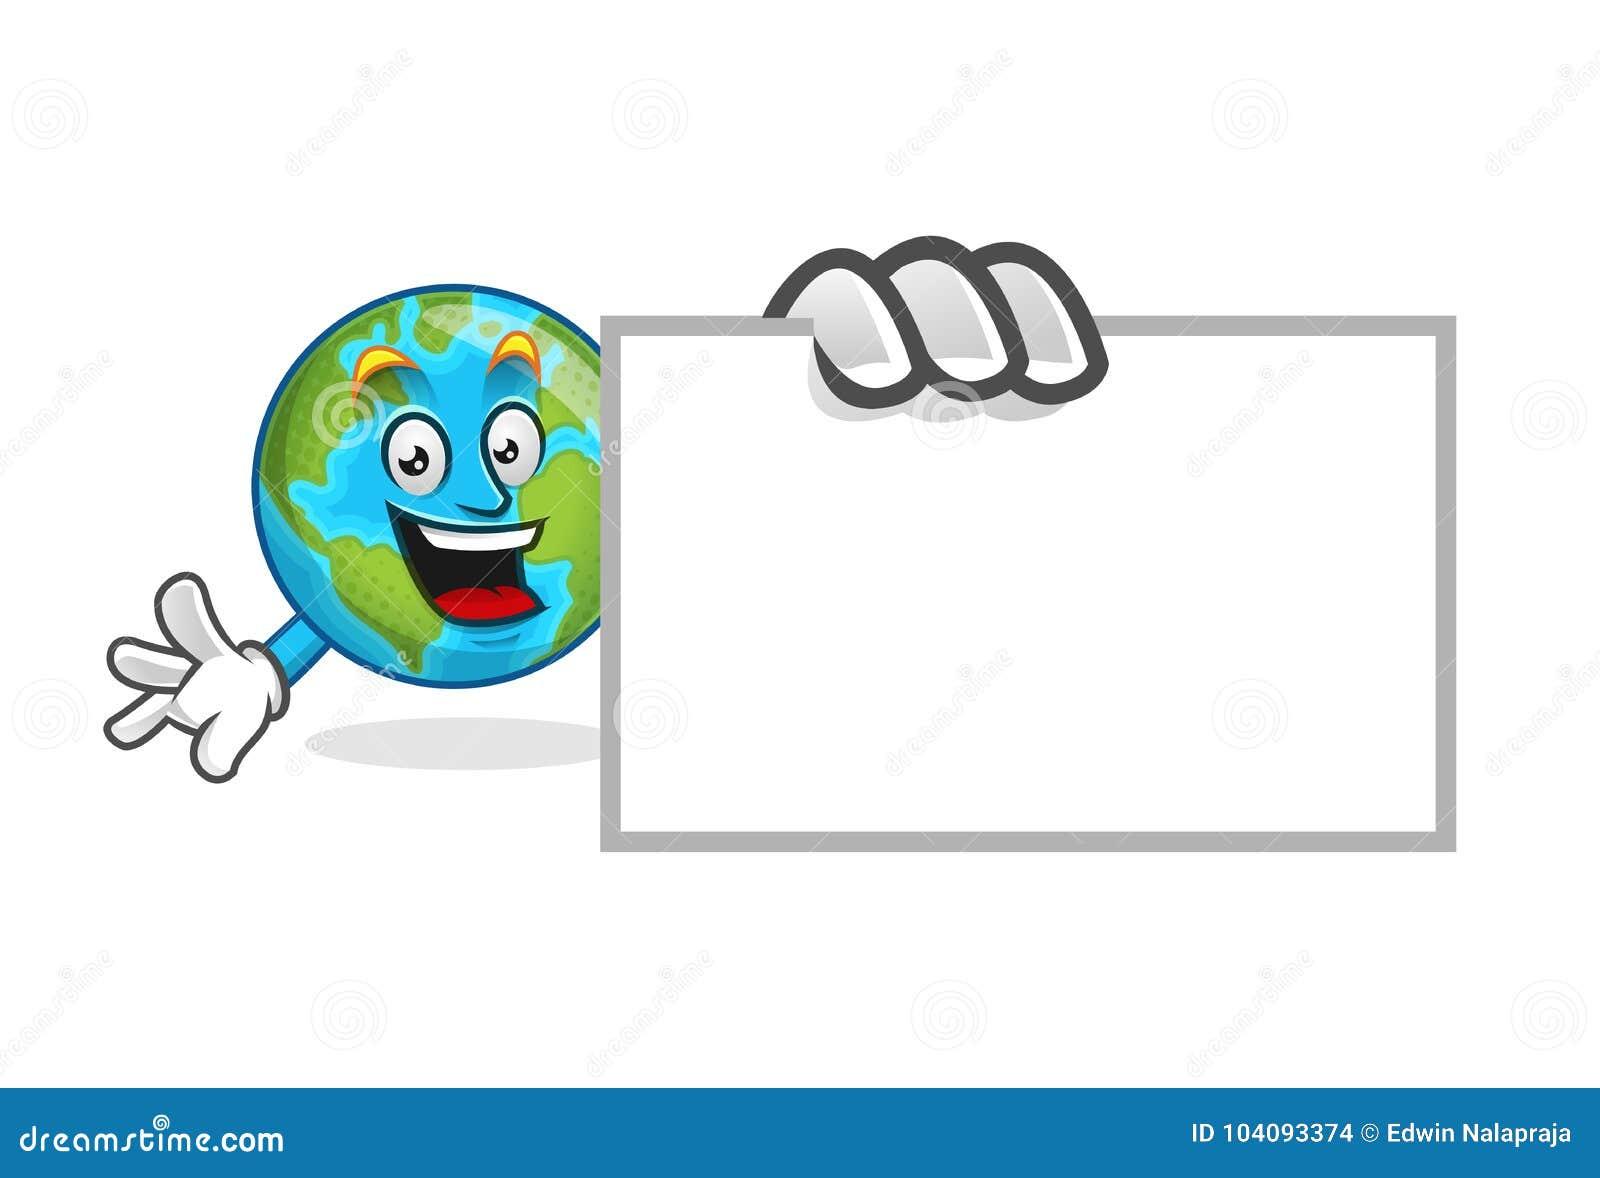 Mettez La Terre Mascotte Avec Carte De Visite Professionnelle Vierge